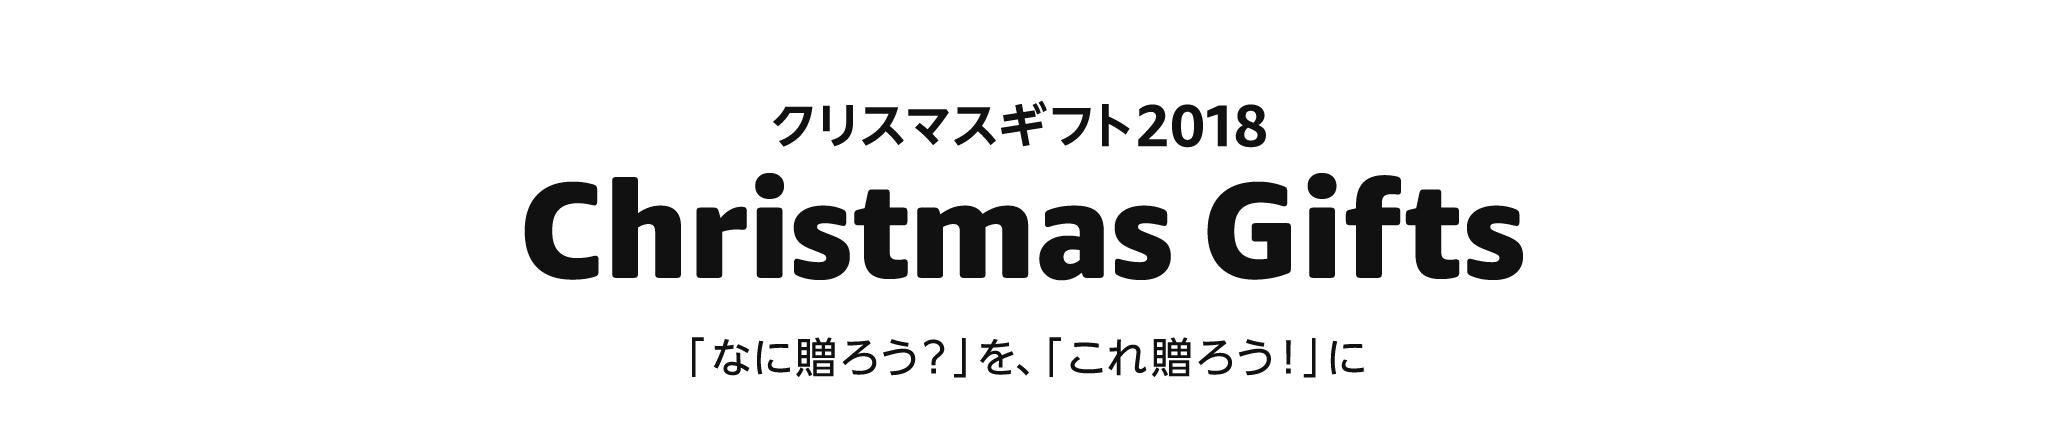 クリスマスギフト2018